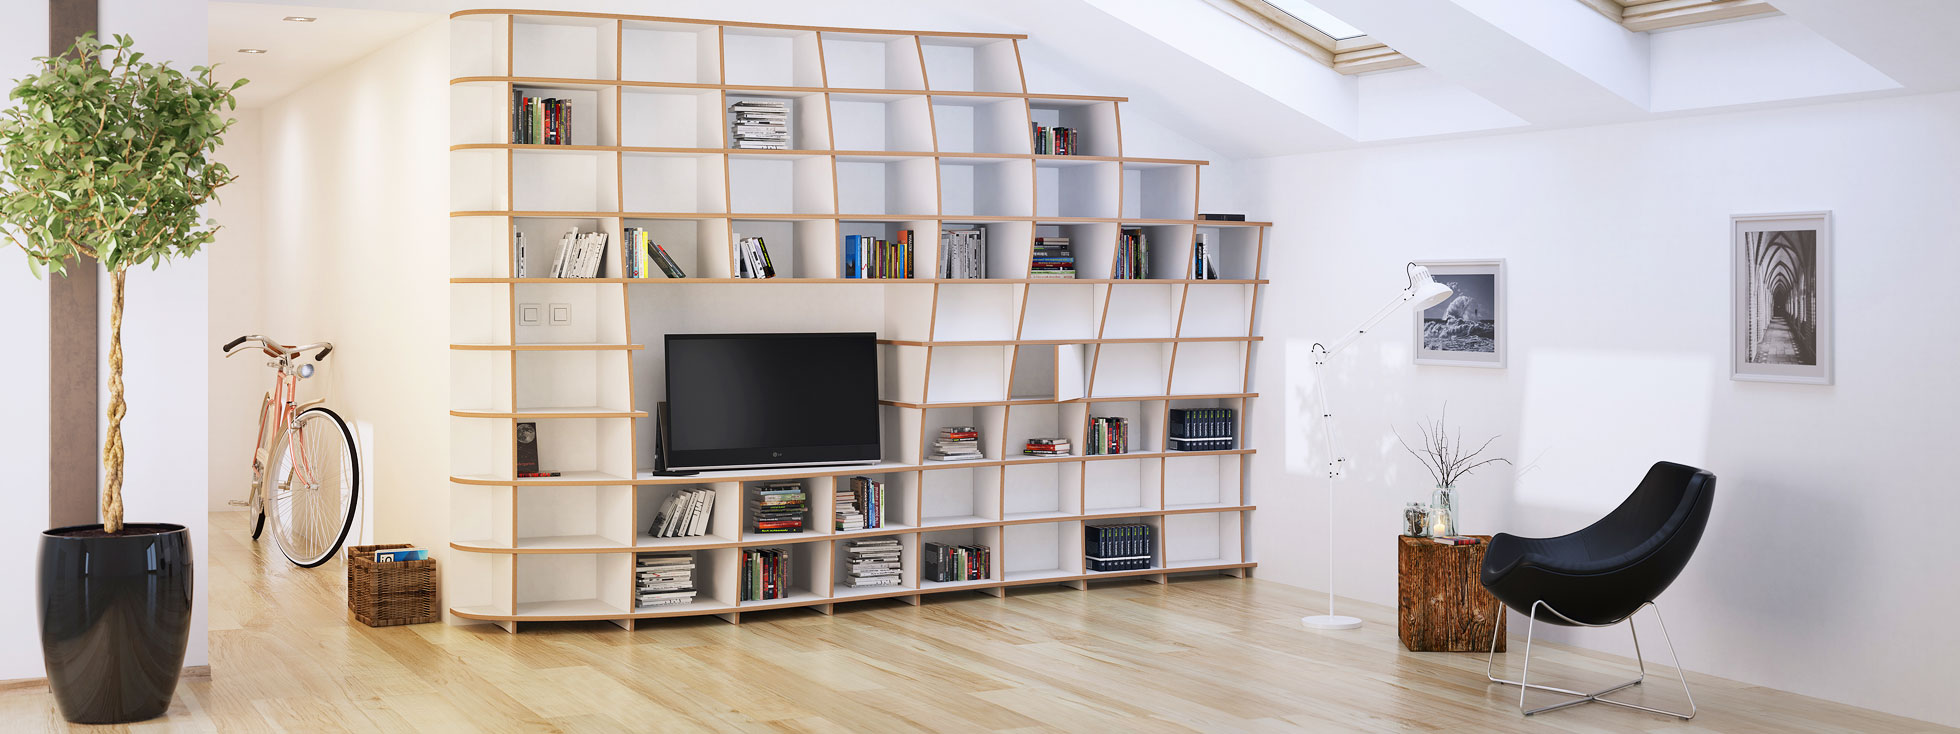 heim handwerk m nchen das offizielle stadtportal. Black Bedroom Furniture Sets. Home Design Ideas